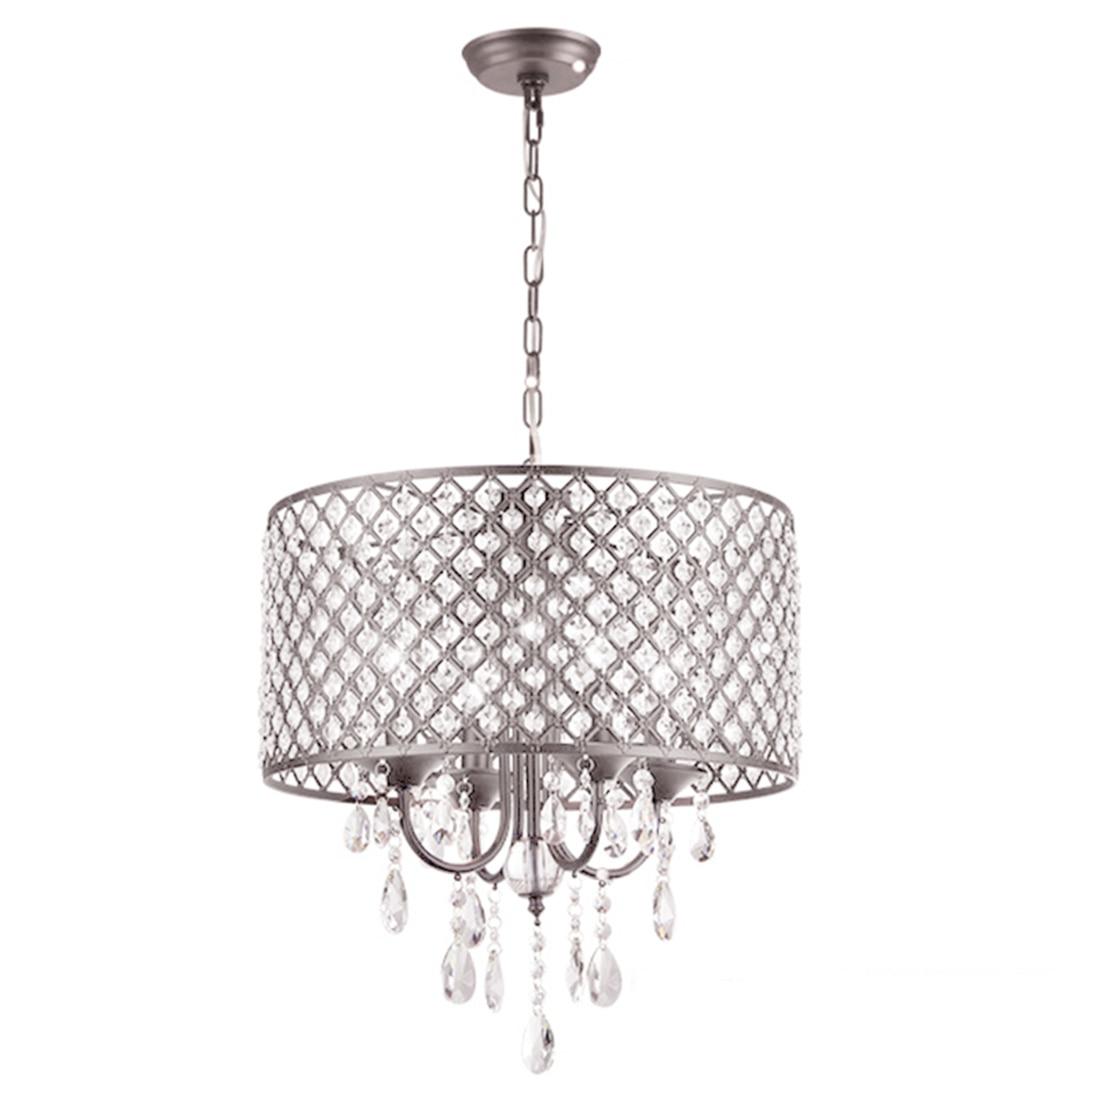 BIFI-40cm Modern Contemporary Crystal Pendant Light Ceiling Lamp Chandelier Lighting 2 packs modern contemporary chandelier lighting crystal ball fixture pendant ceiling lamp 1 light e14